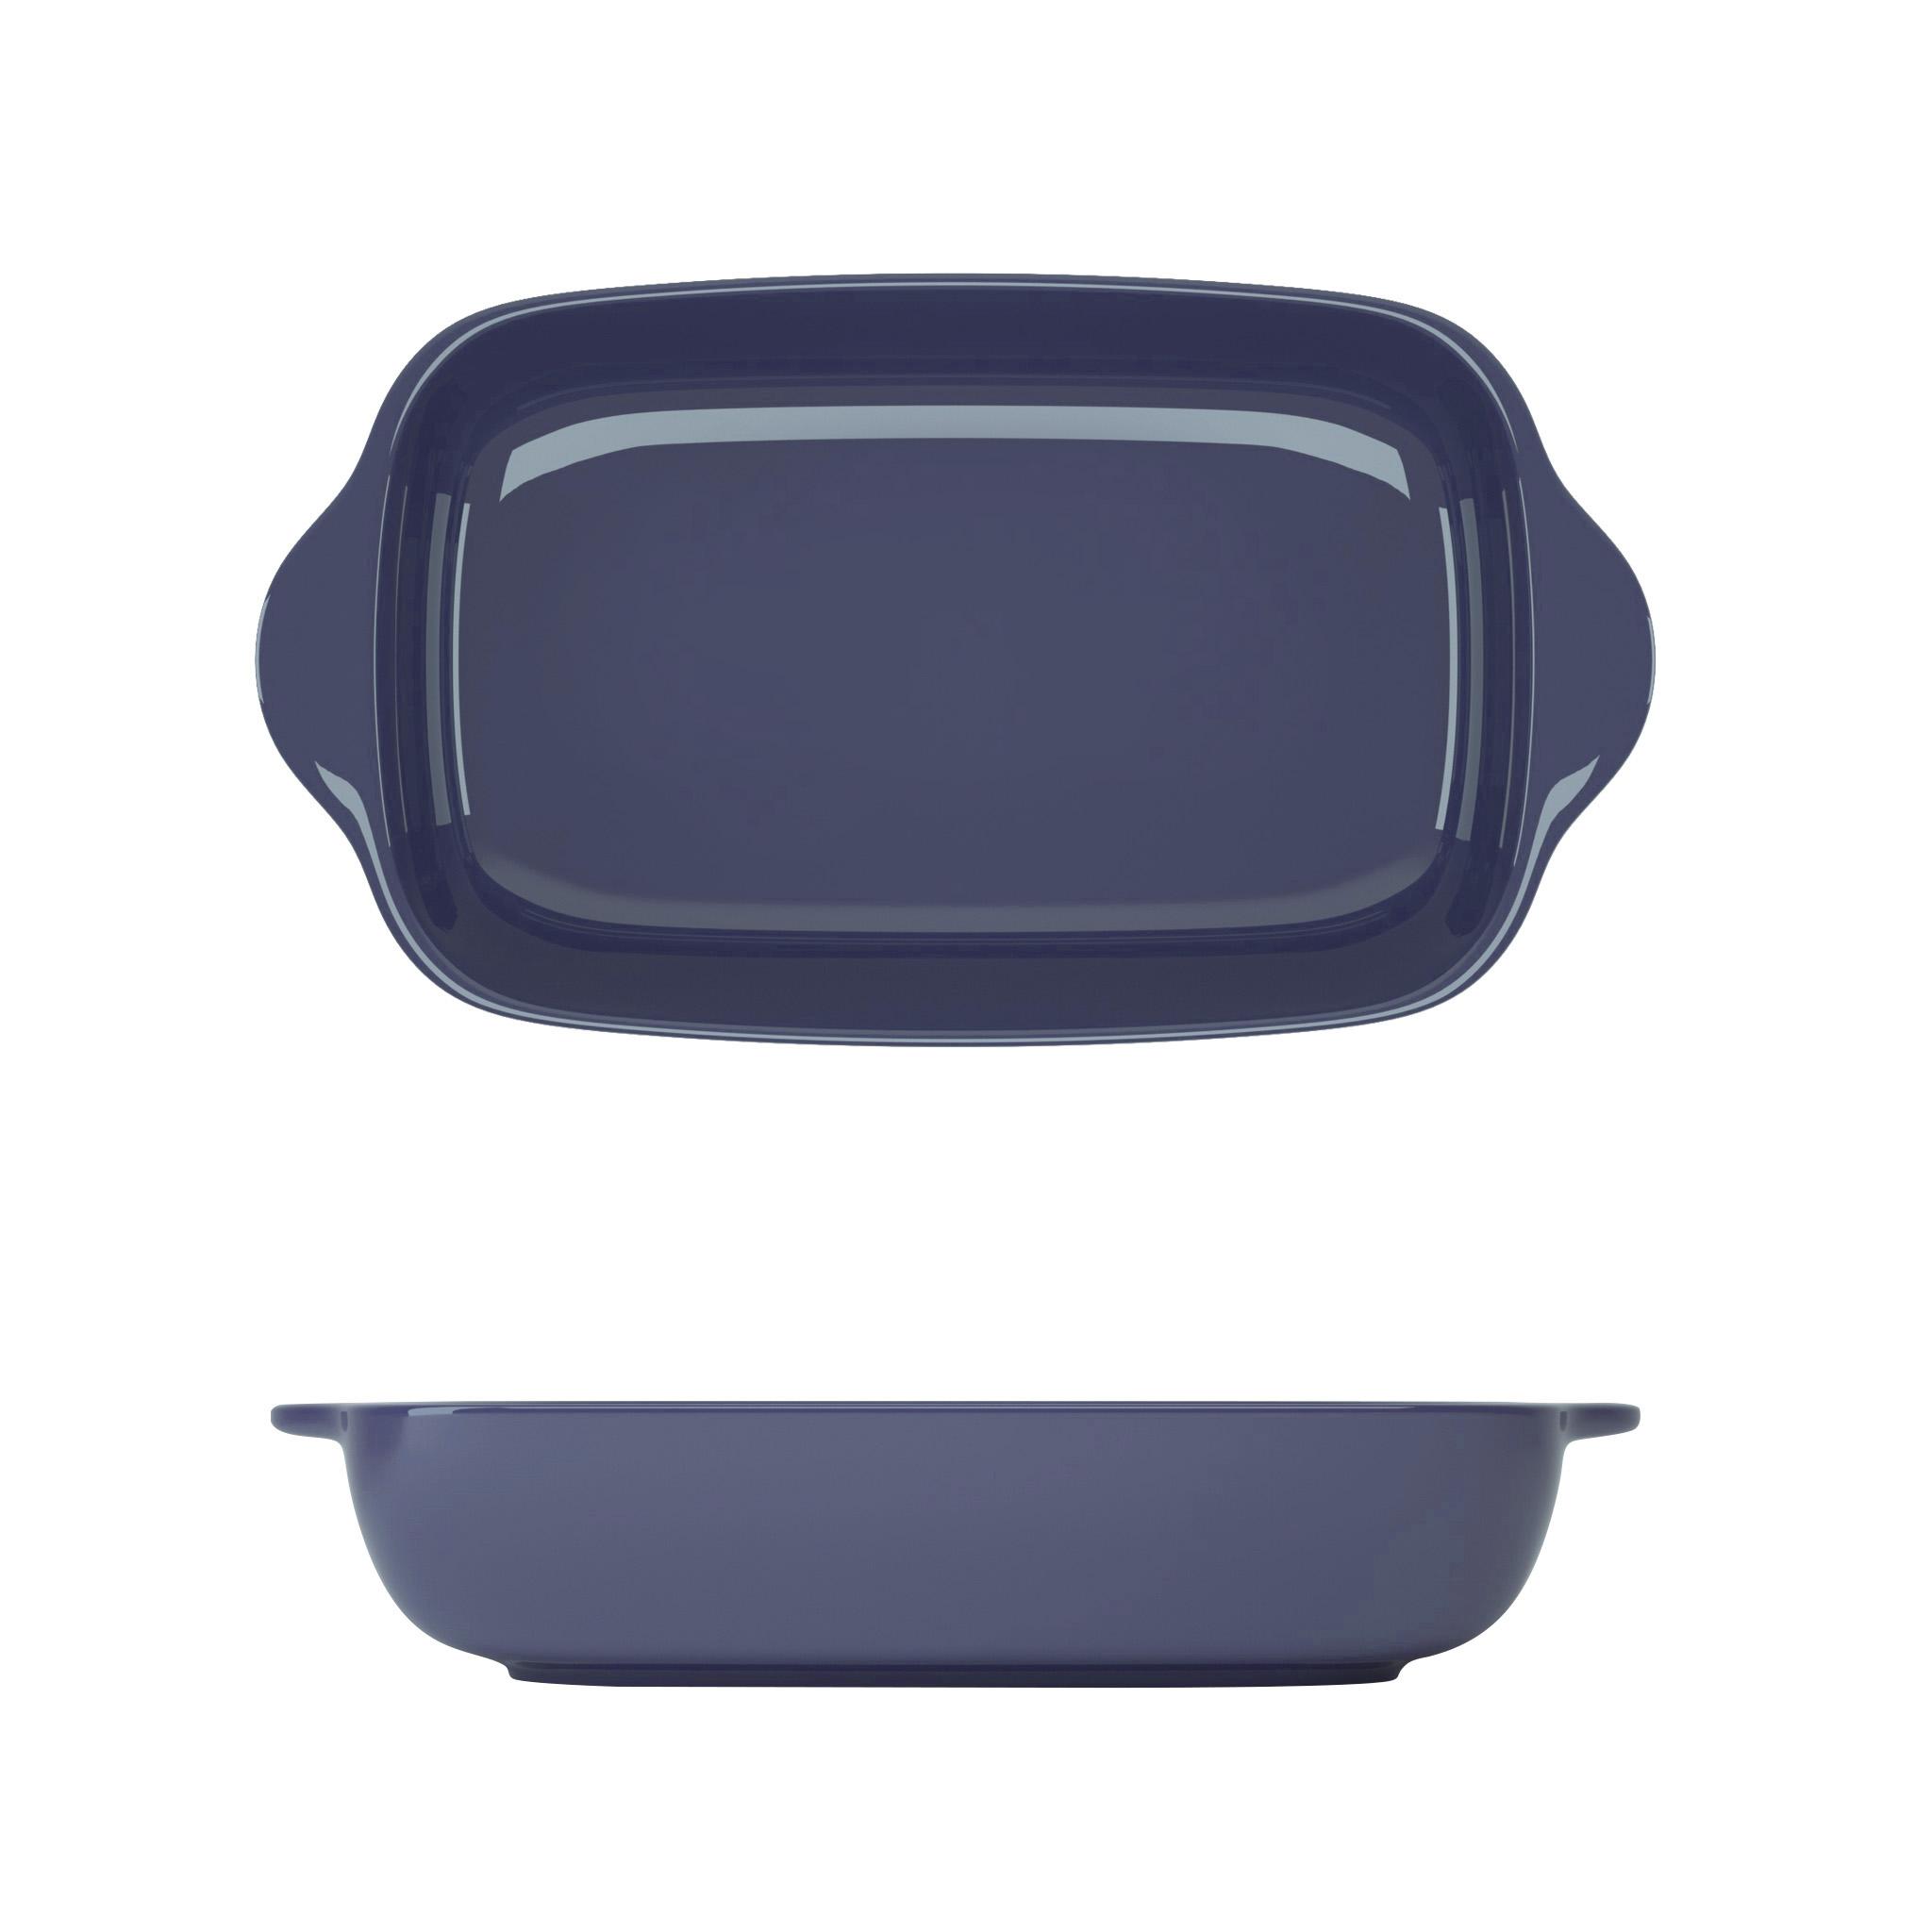 रंगीन पाक प्लेट भोजन संपर्क के लिए सुरक्षित सिरेमिक microwavable रेस्तरां होटल घरेलू dishwasher सुरक्षित उच्च अंत